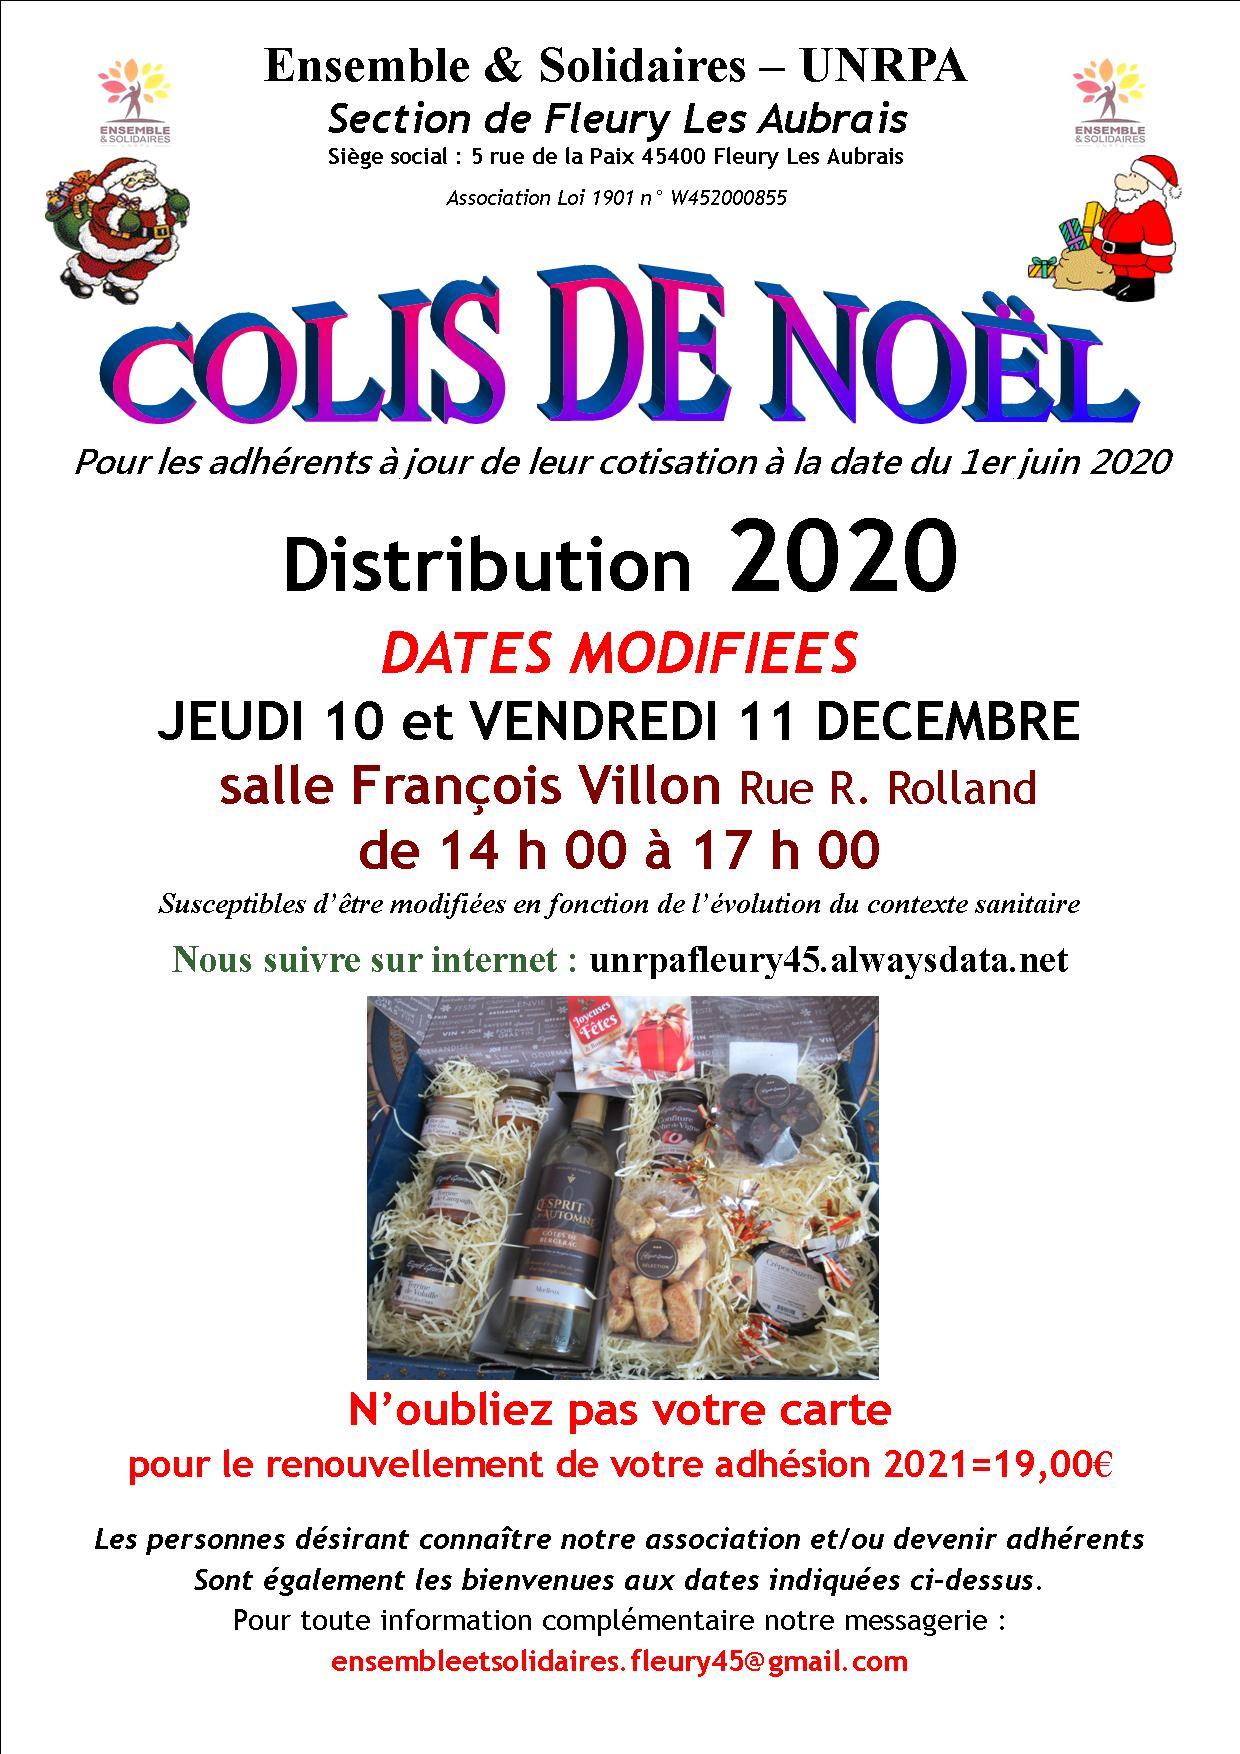 Affiche colis Noel 2020 modifiée.jpg